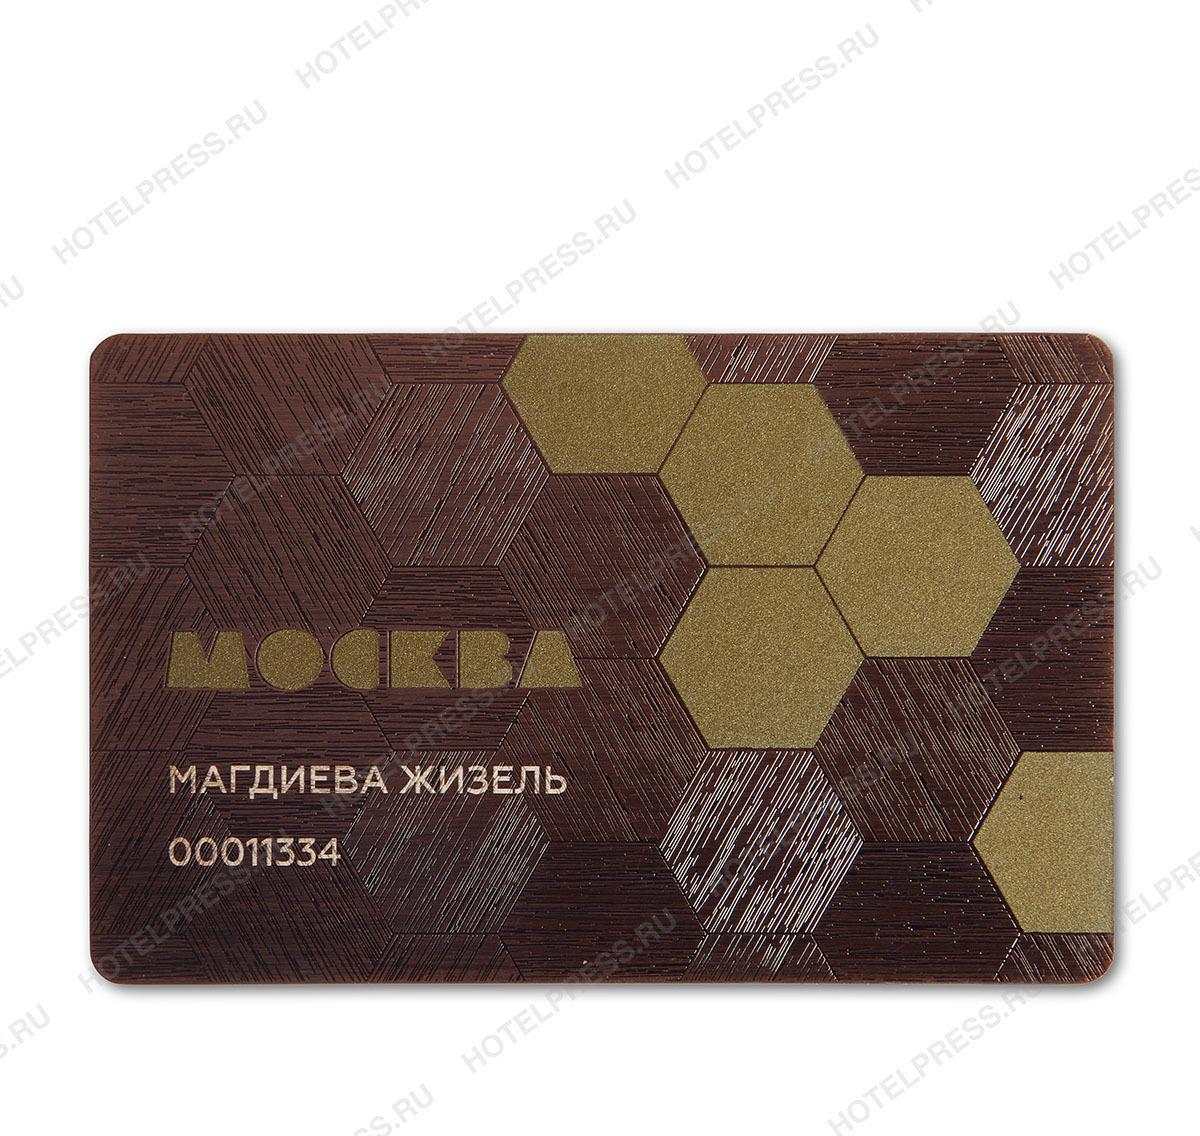 Дисконтная карта из металла «Москва»